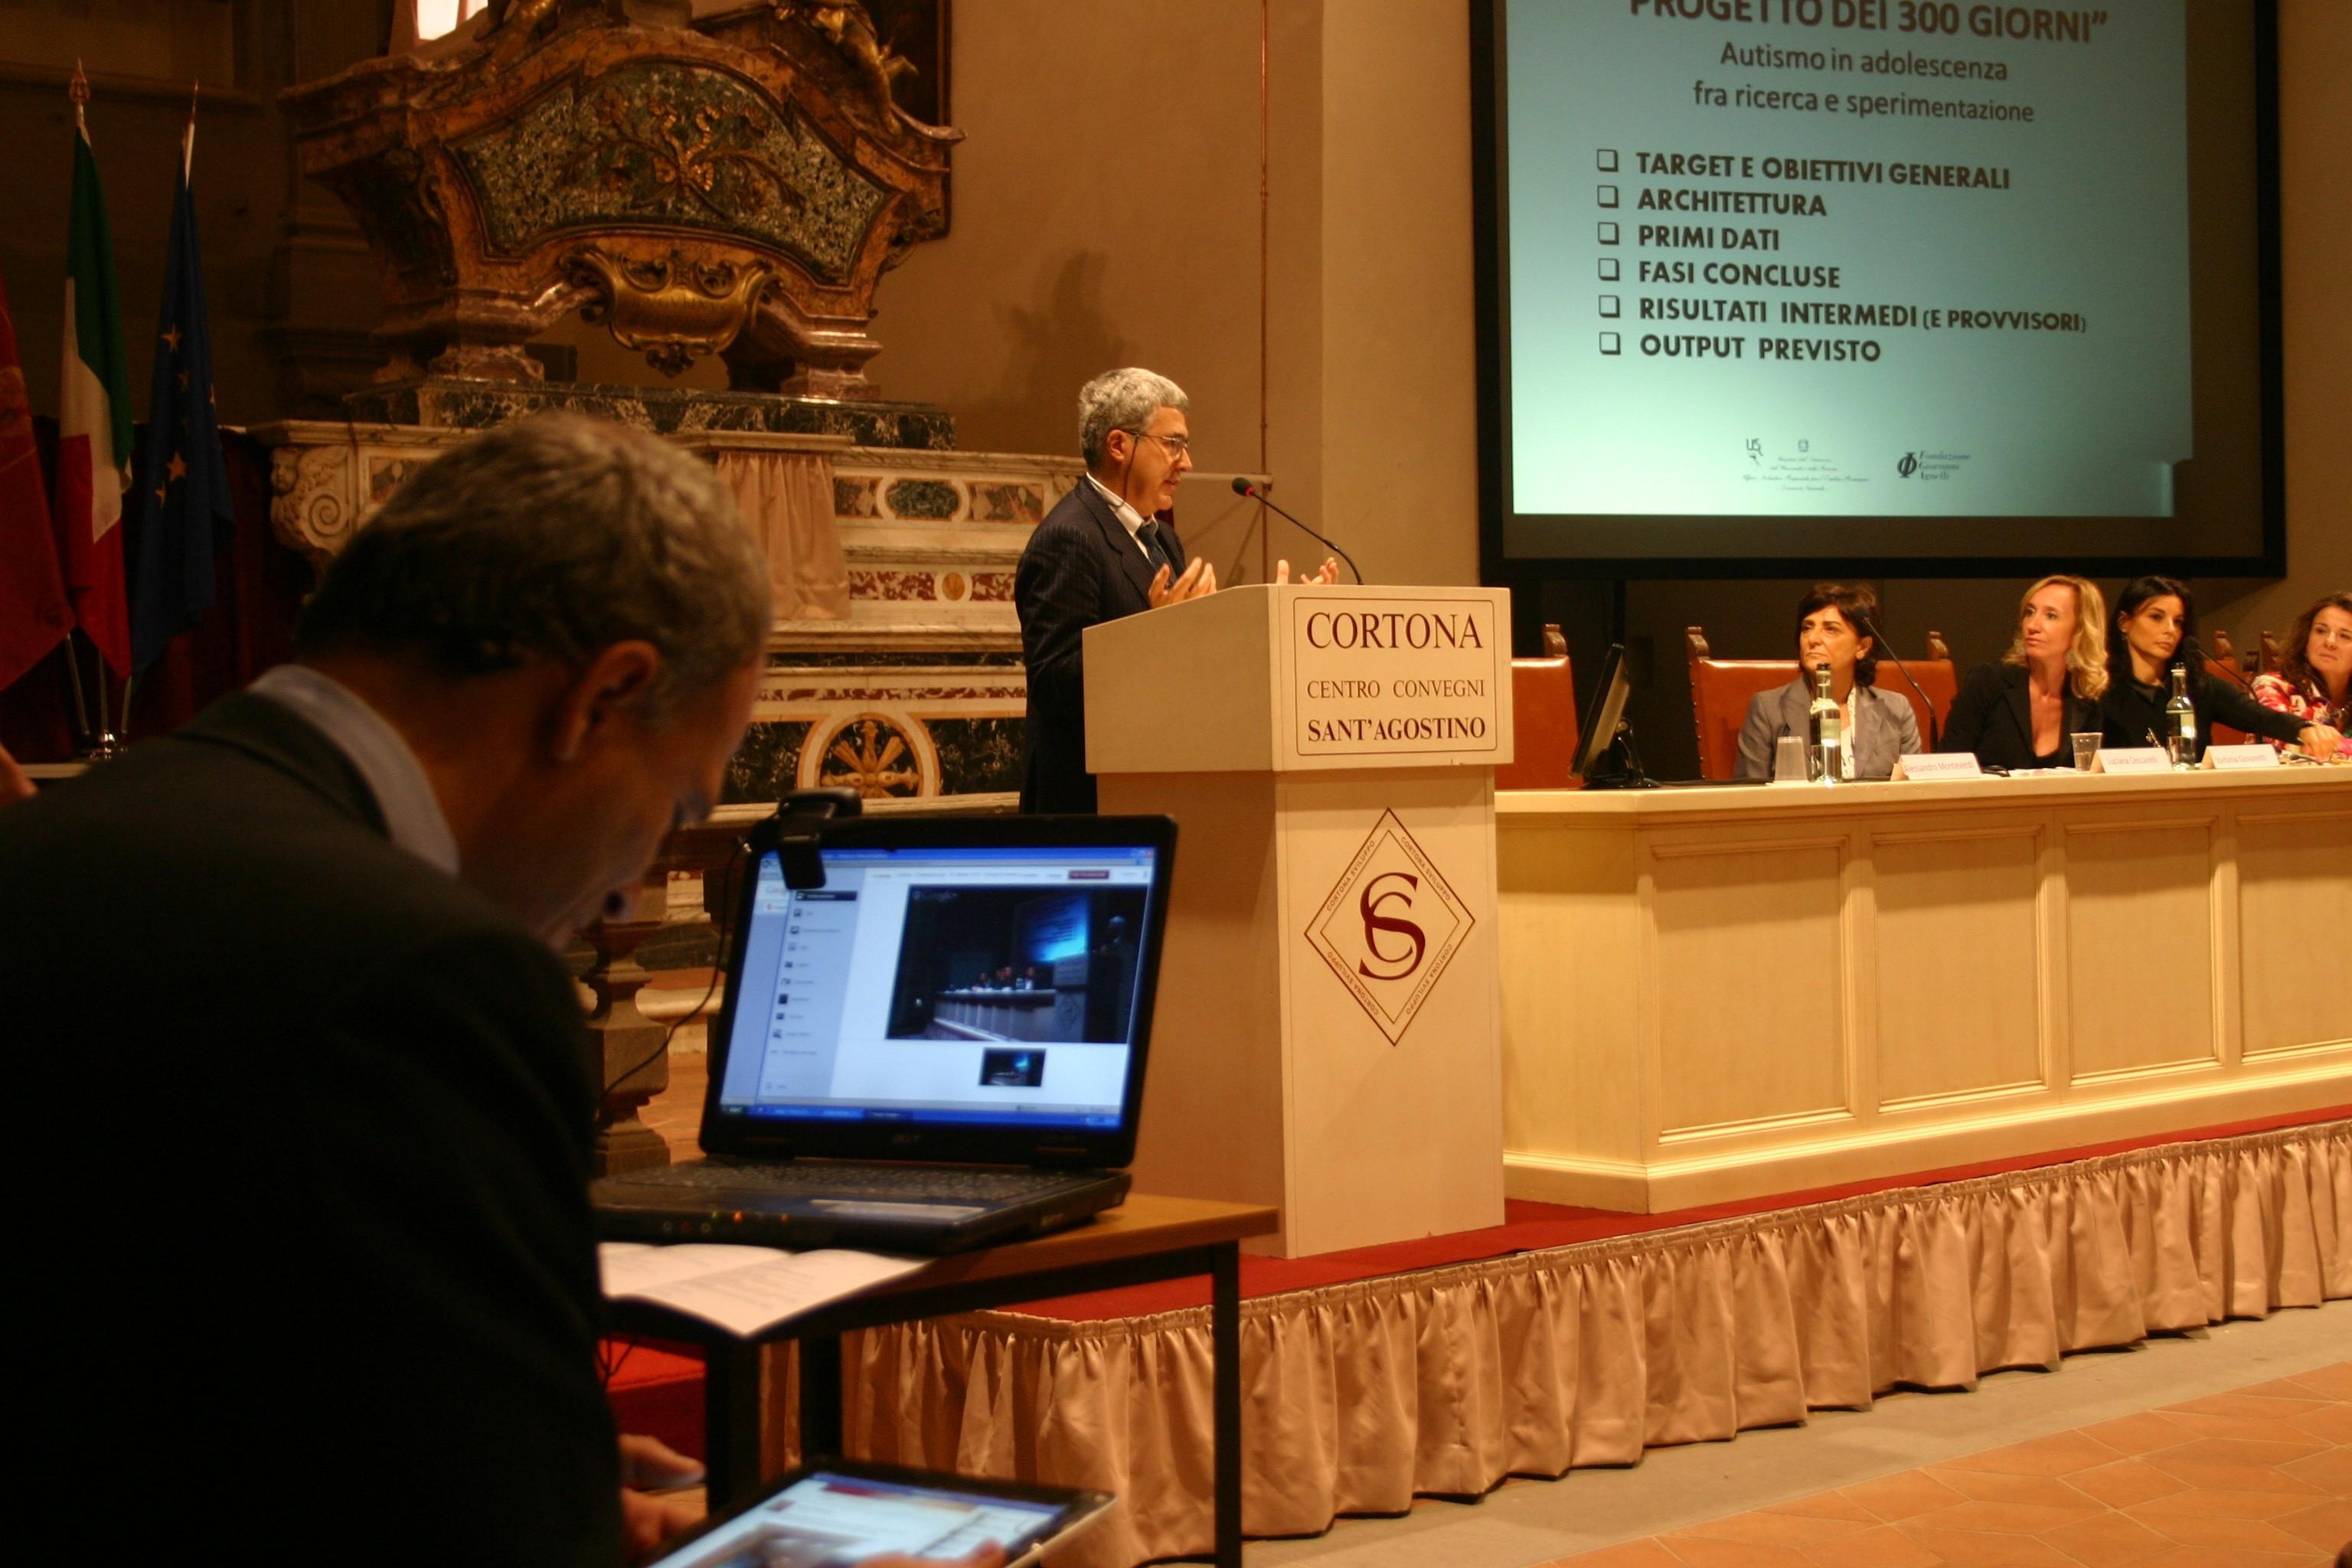 Disturbi dell'apprendimento e Bisogni educativi speciali: seminario a Cortona